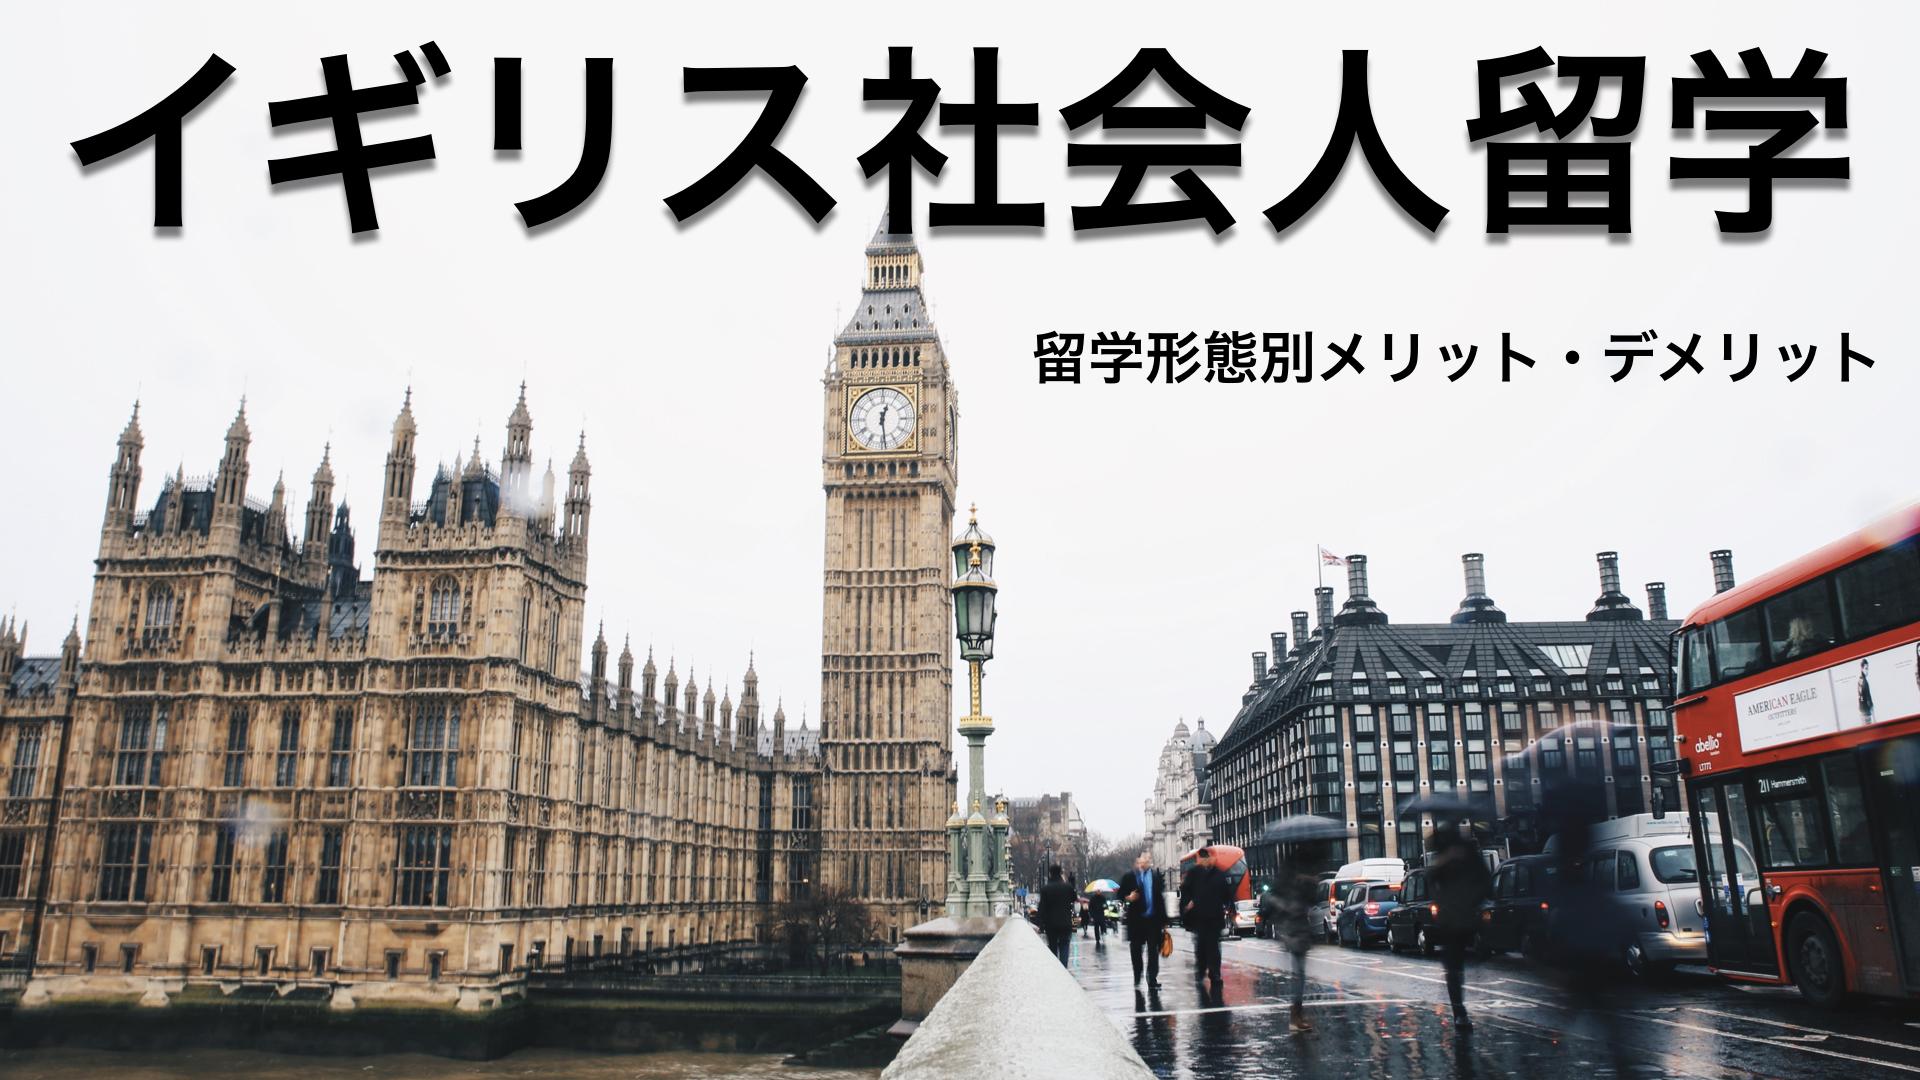 社会人のイギリス留学!費用はどれくらい?3つのメリット・デメリットを紹介